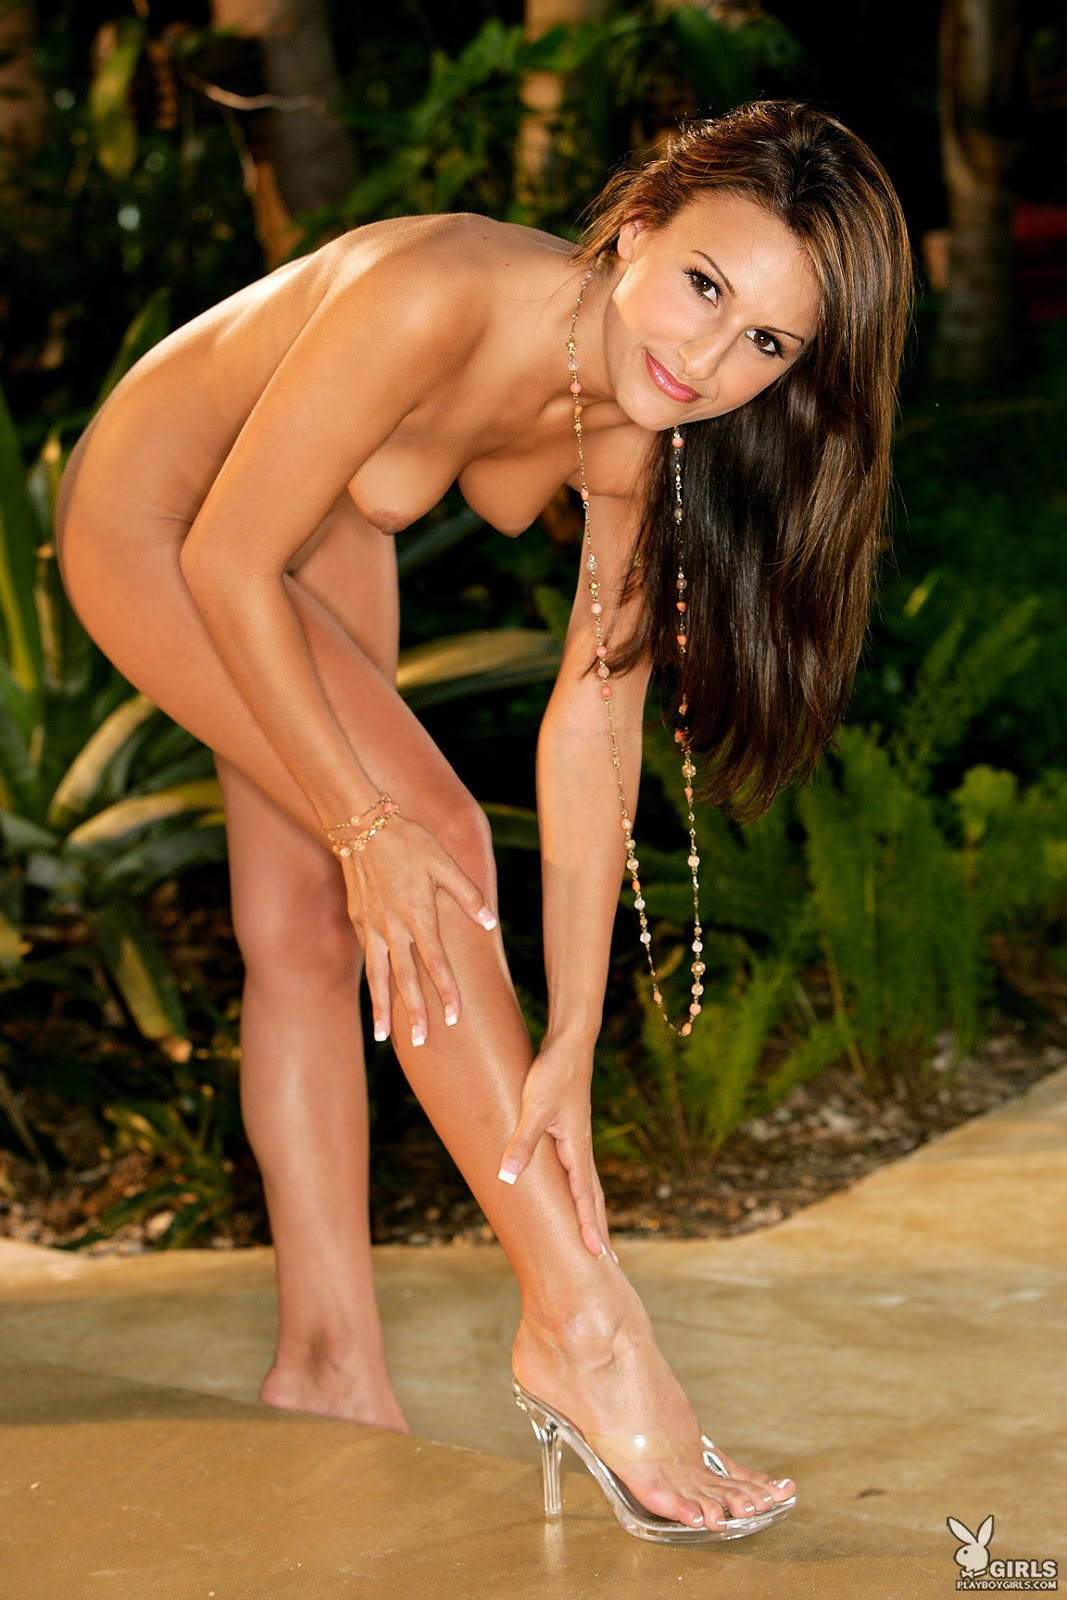 free antoinette giancana nude pics